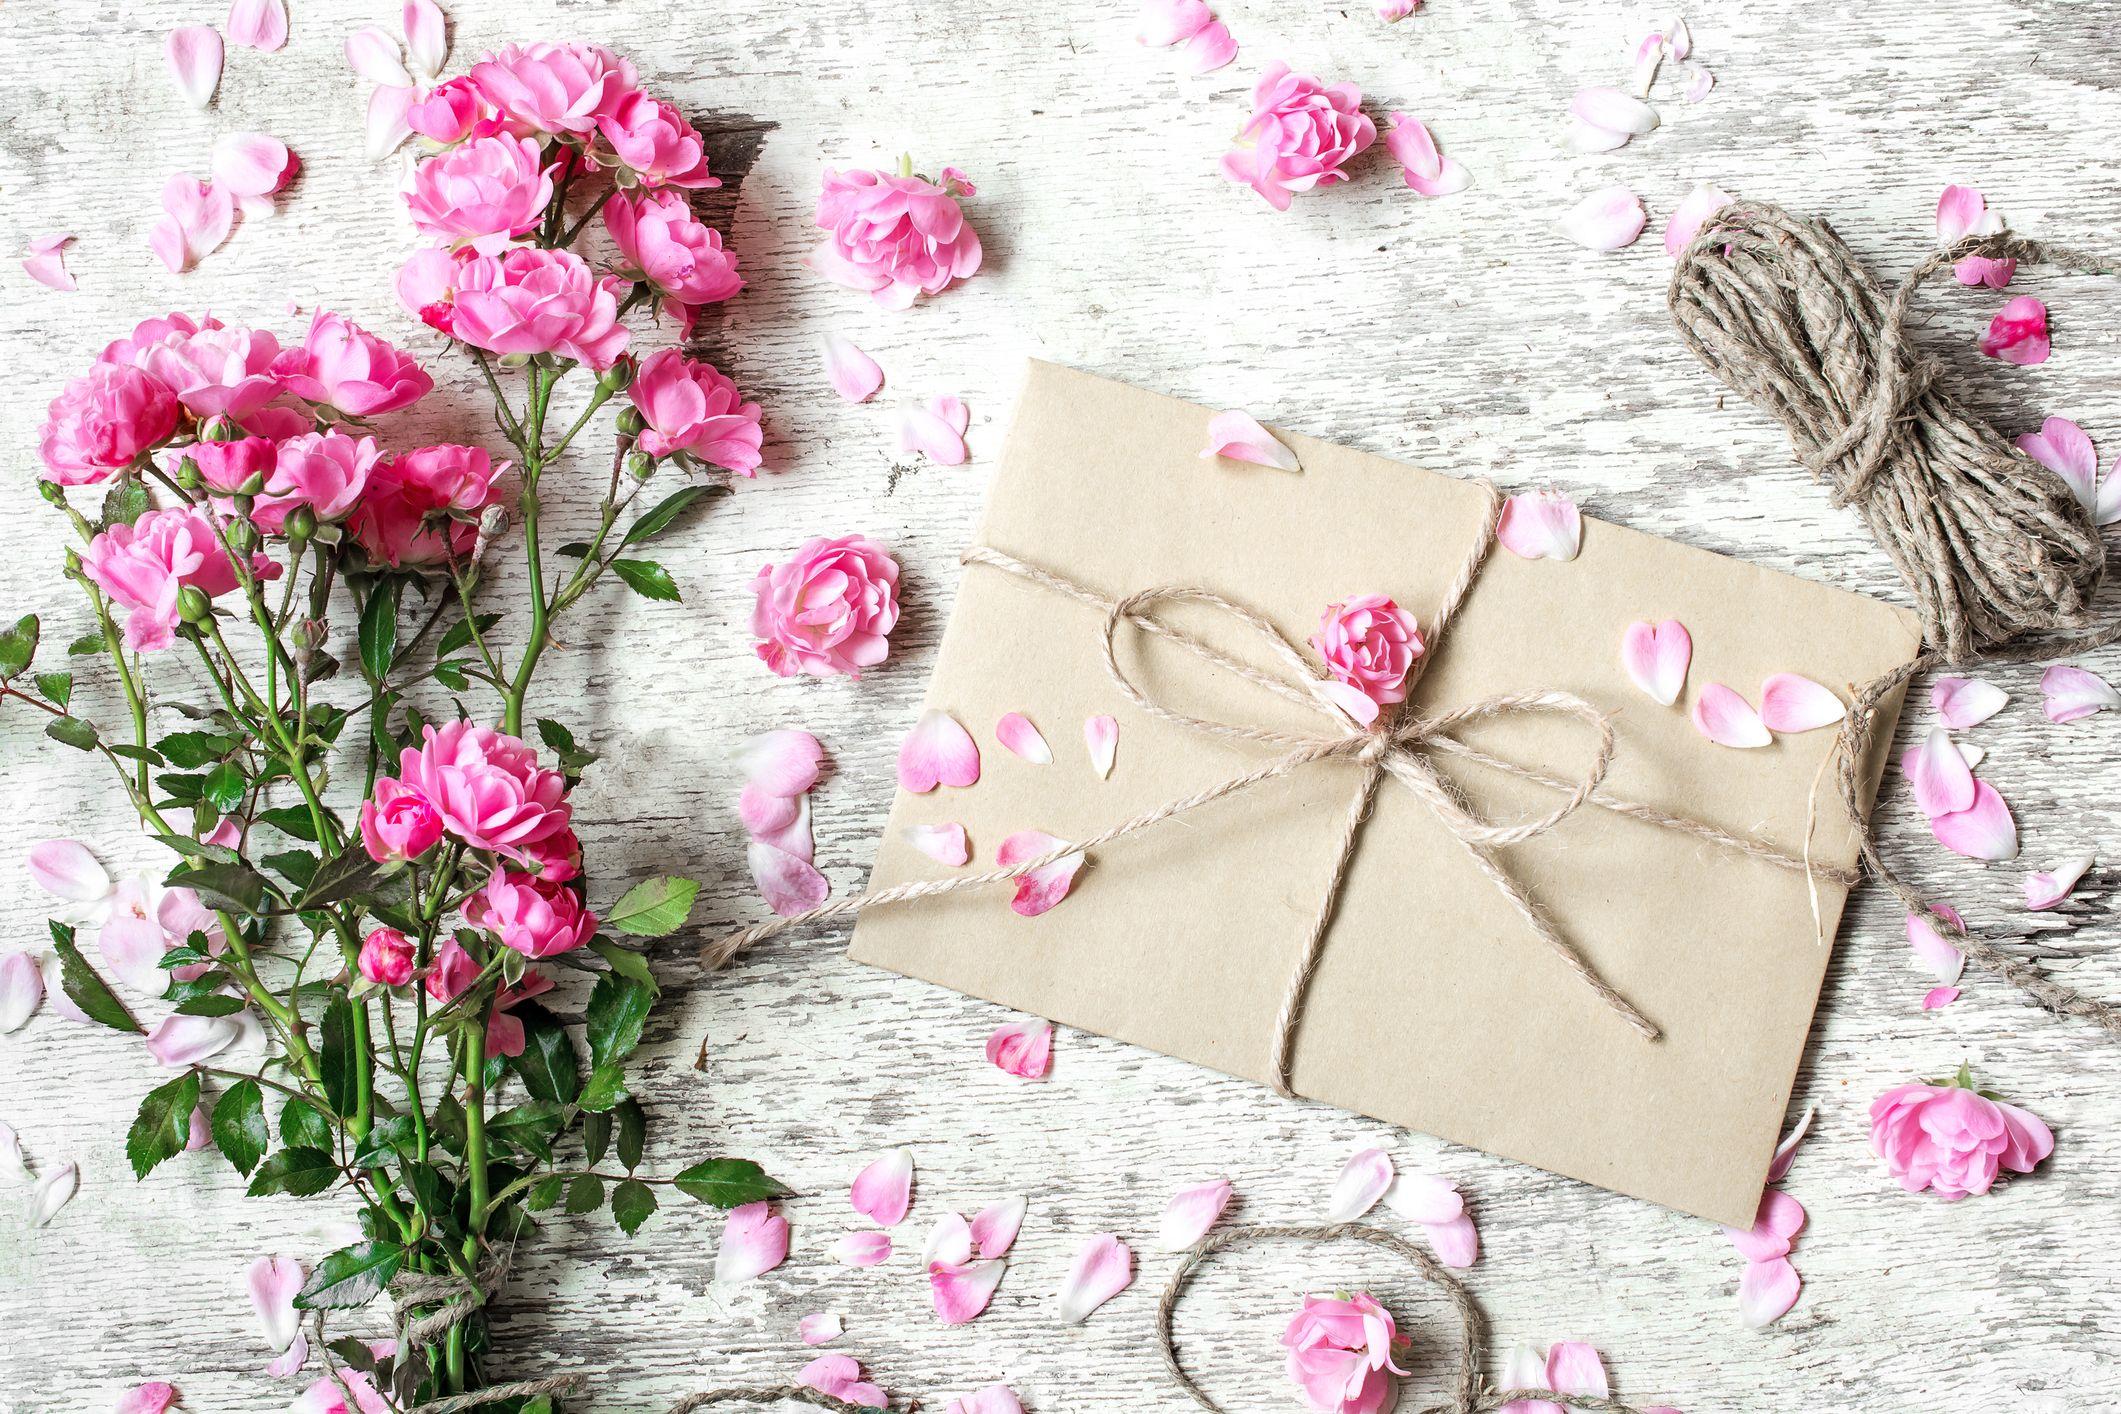 Papierhochzeit: Geschenke & Sprüche zum 1. Hochzeitstag